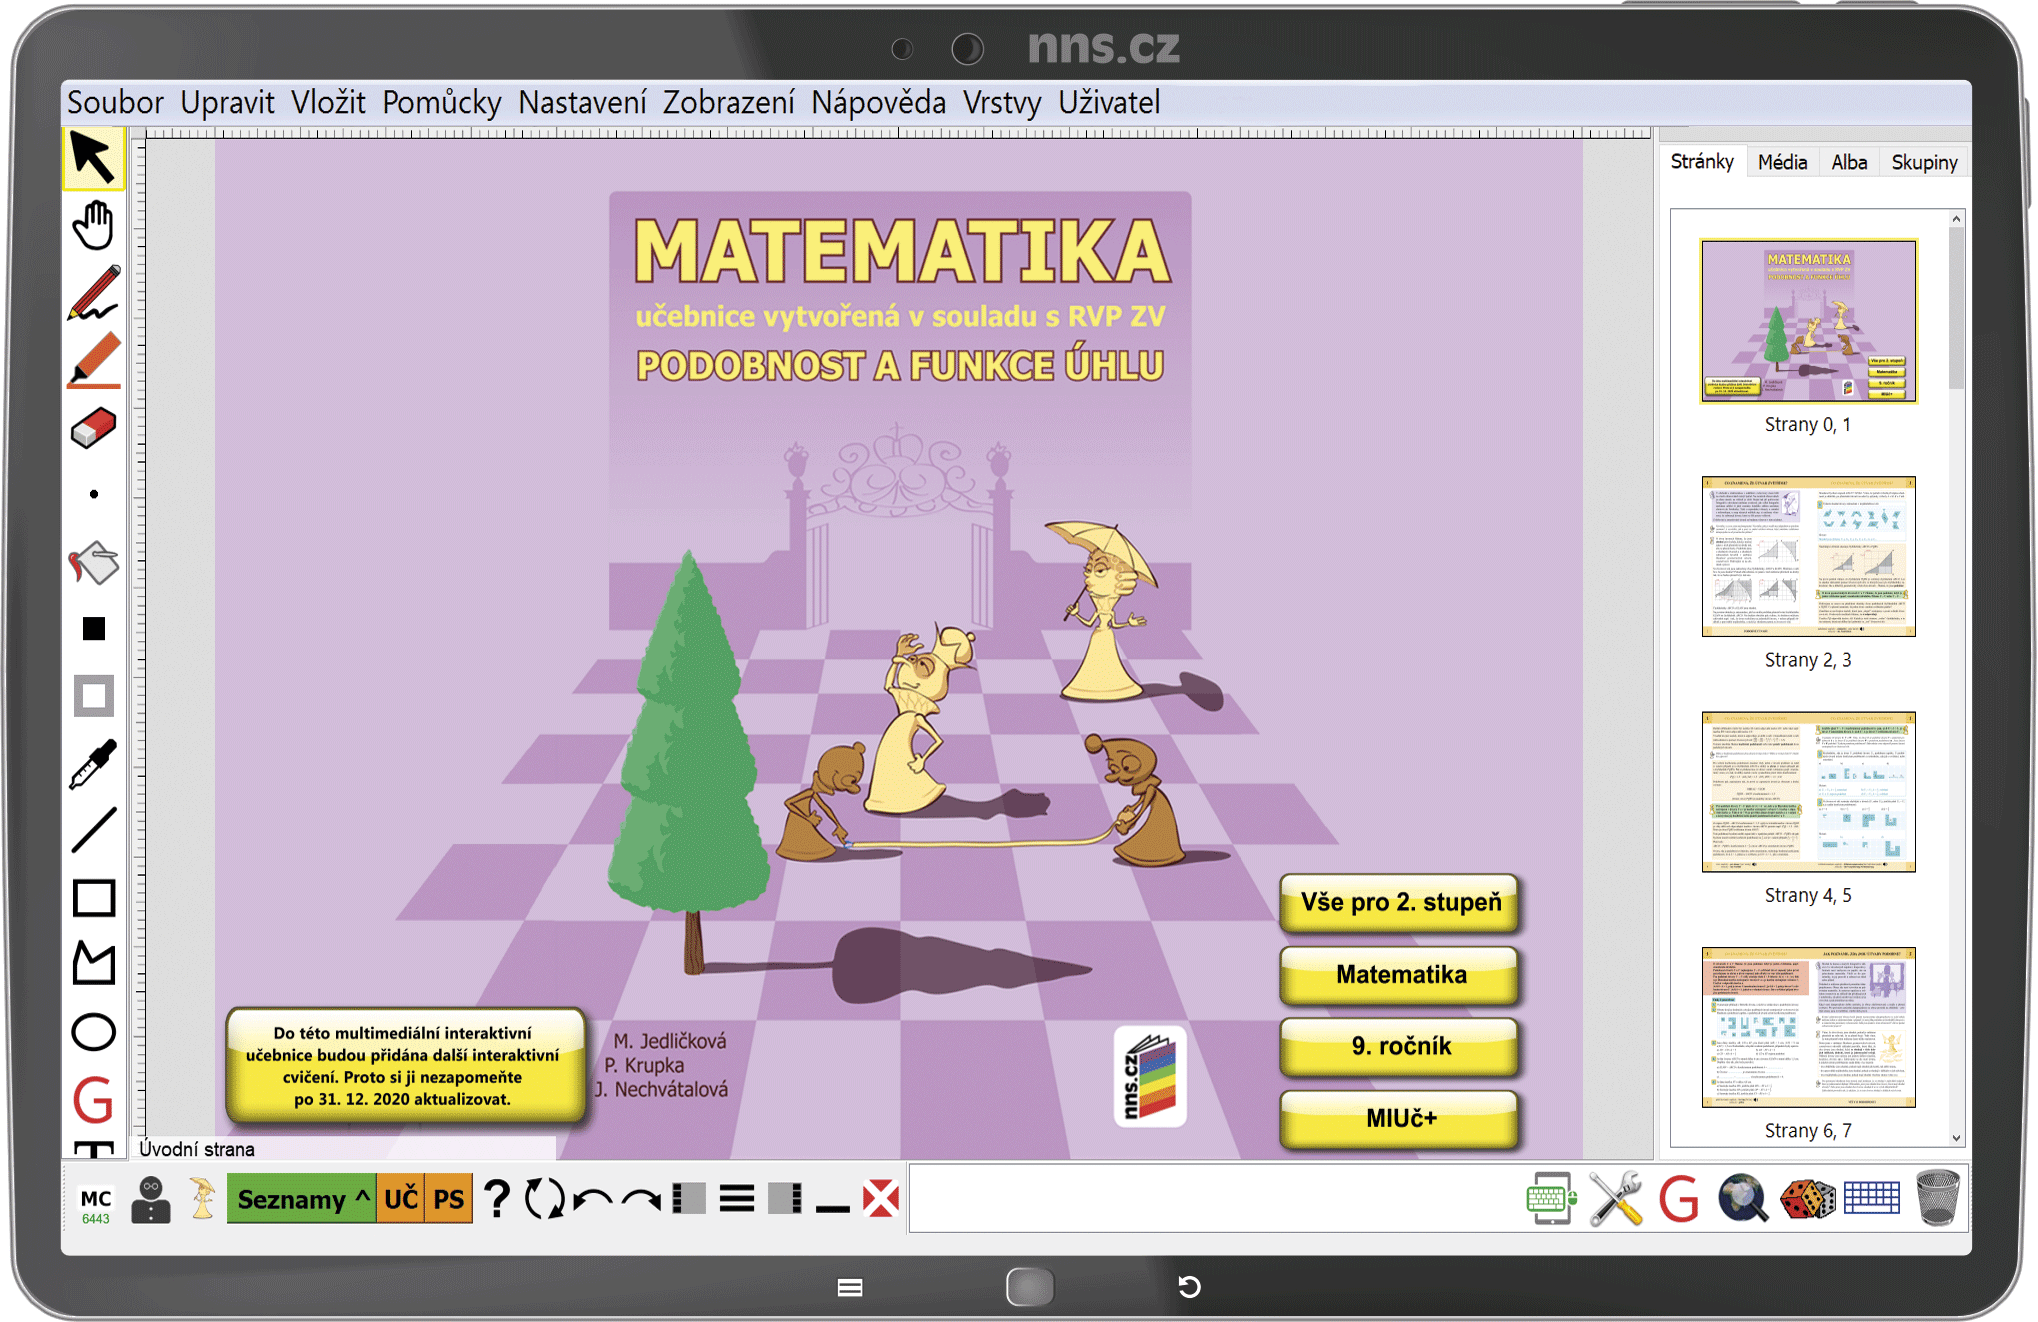 MIUč+ Matematika - Podobnost a funkce úhlu  - časově neomezená školní multilicence